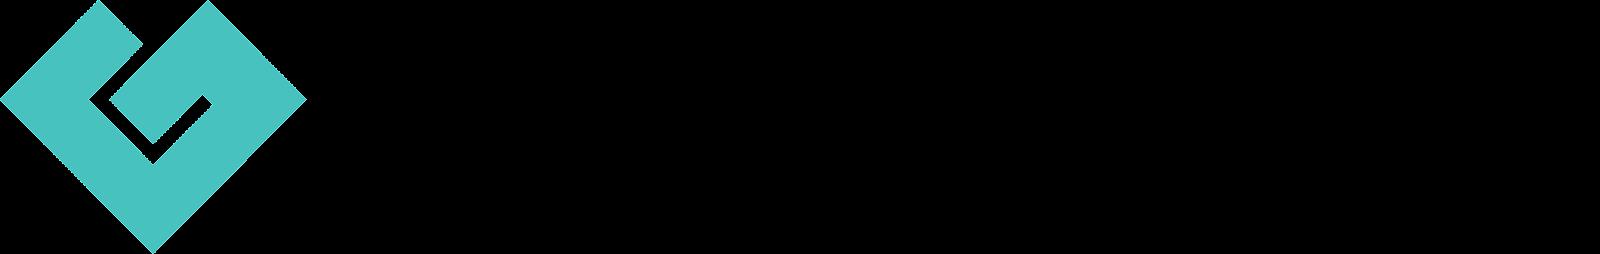 GOY_Logo_black_Teal.png